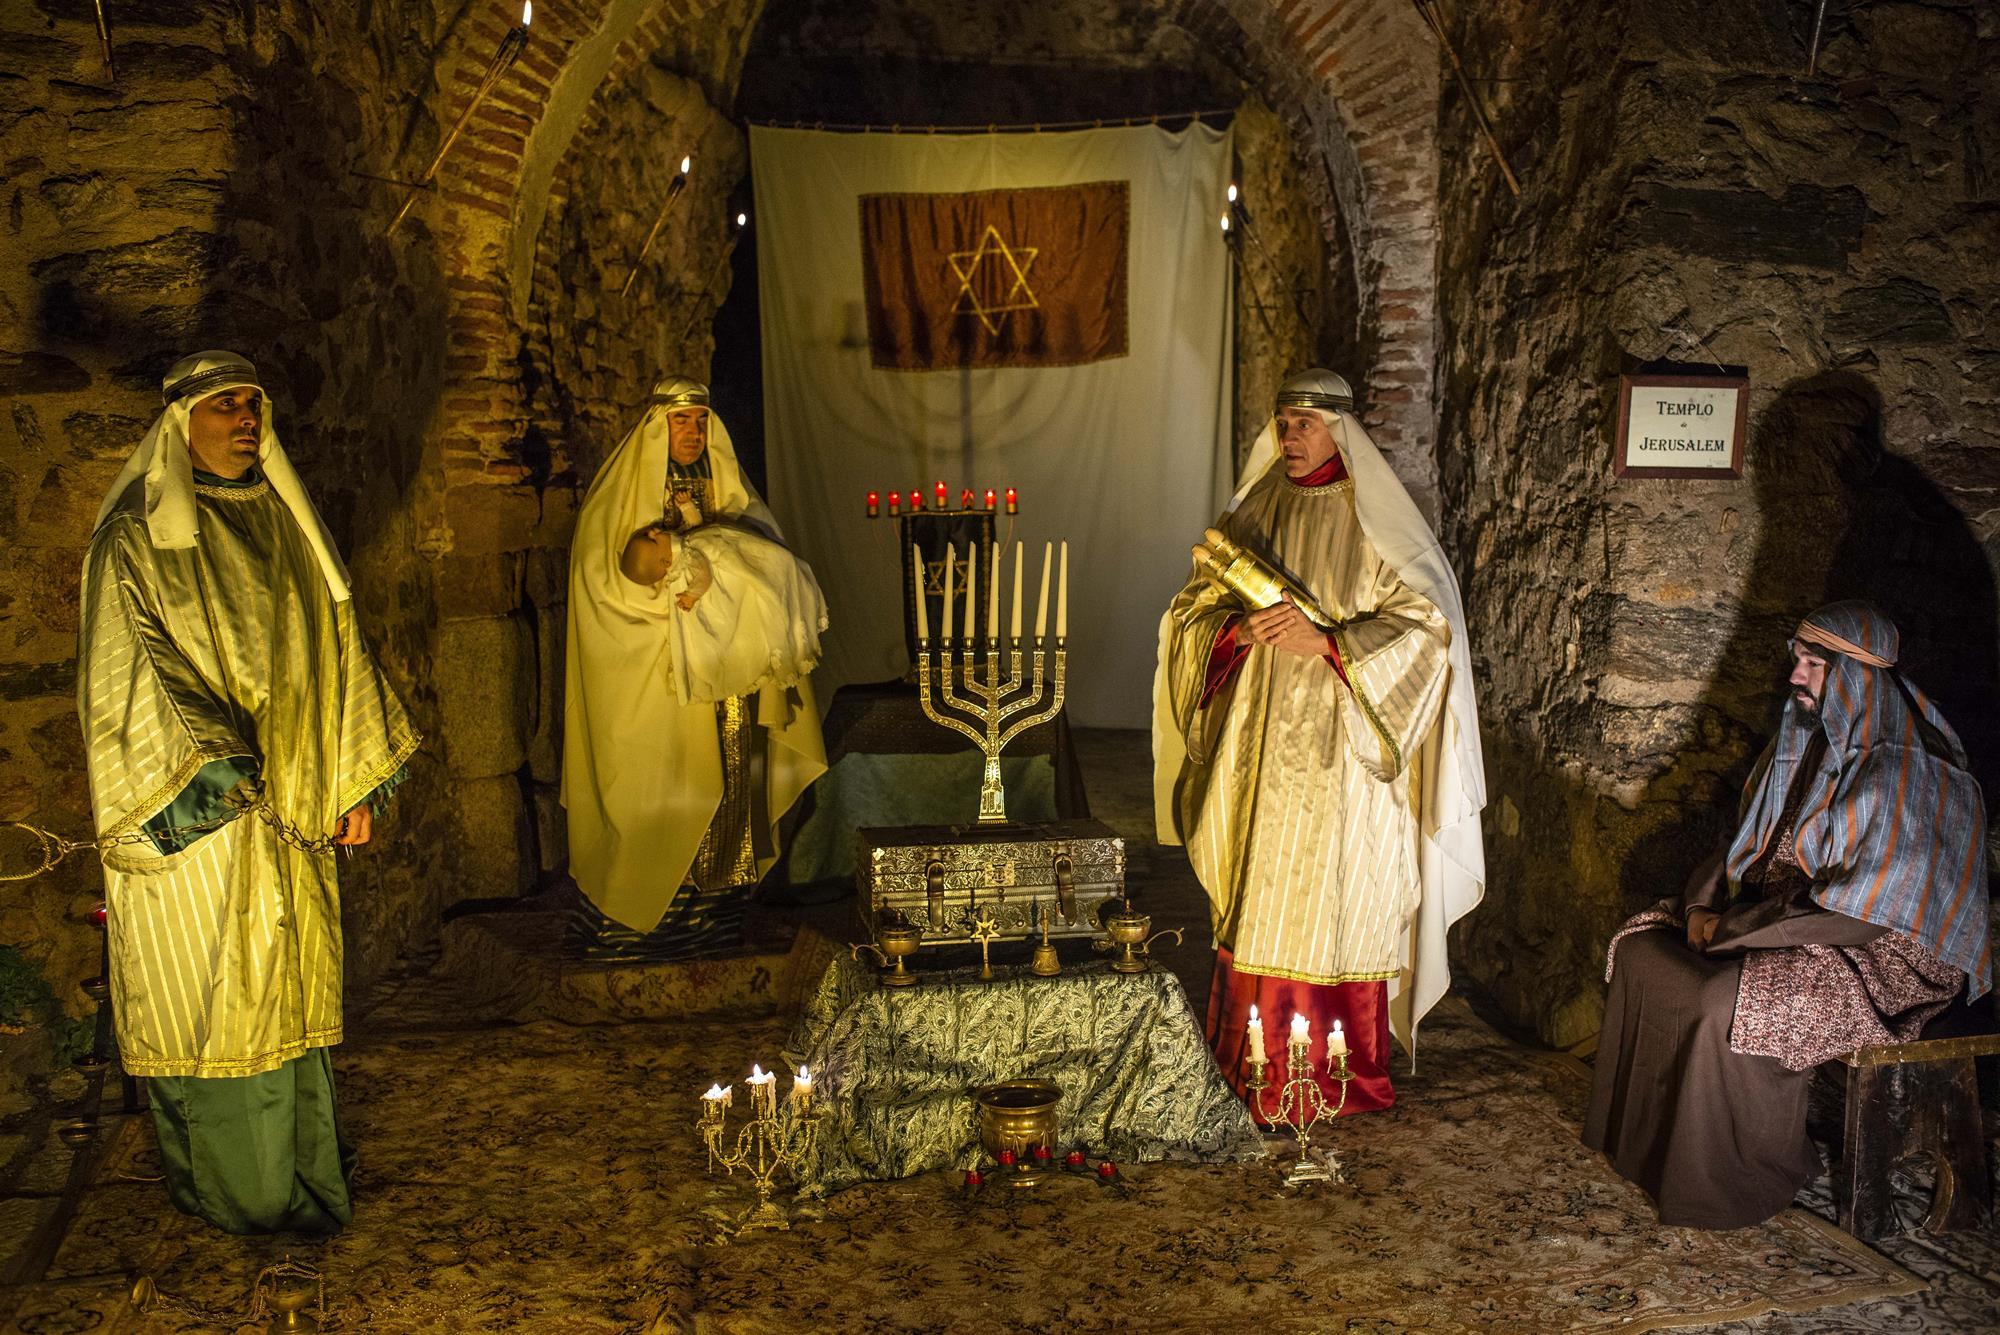 El templo judío no puede faltar en cualquier representación del nacimiento.